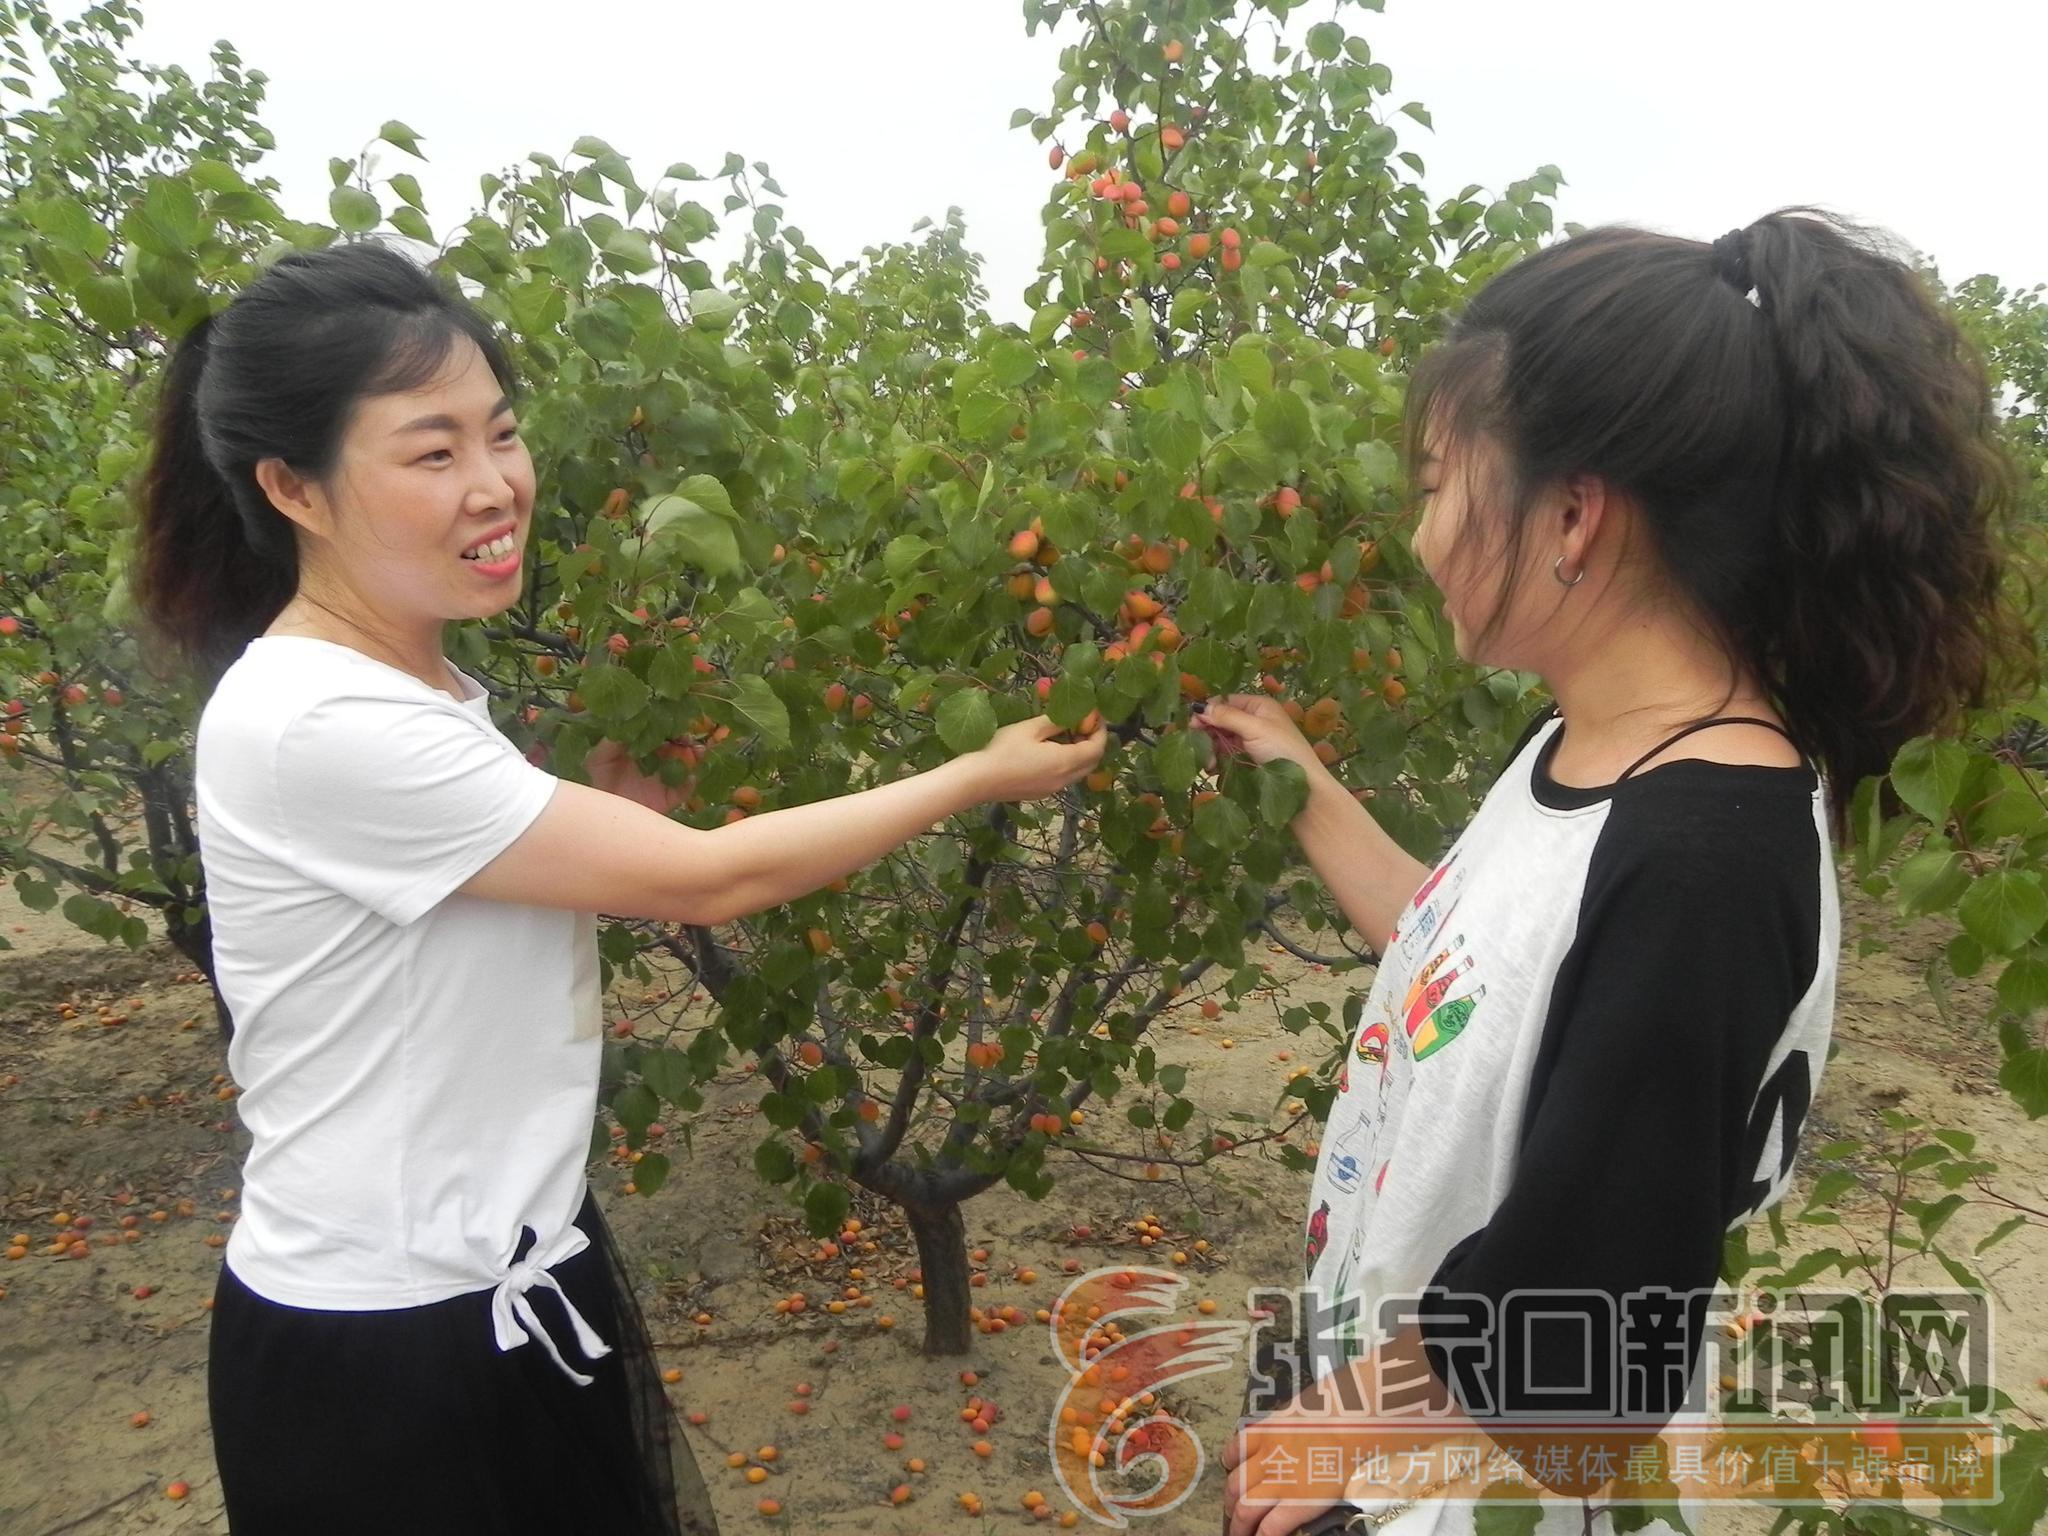 偷偷撸摸网站_张家口新闻网记者 张进宝  通讯员 院玉顺 尹辉